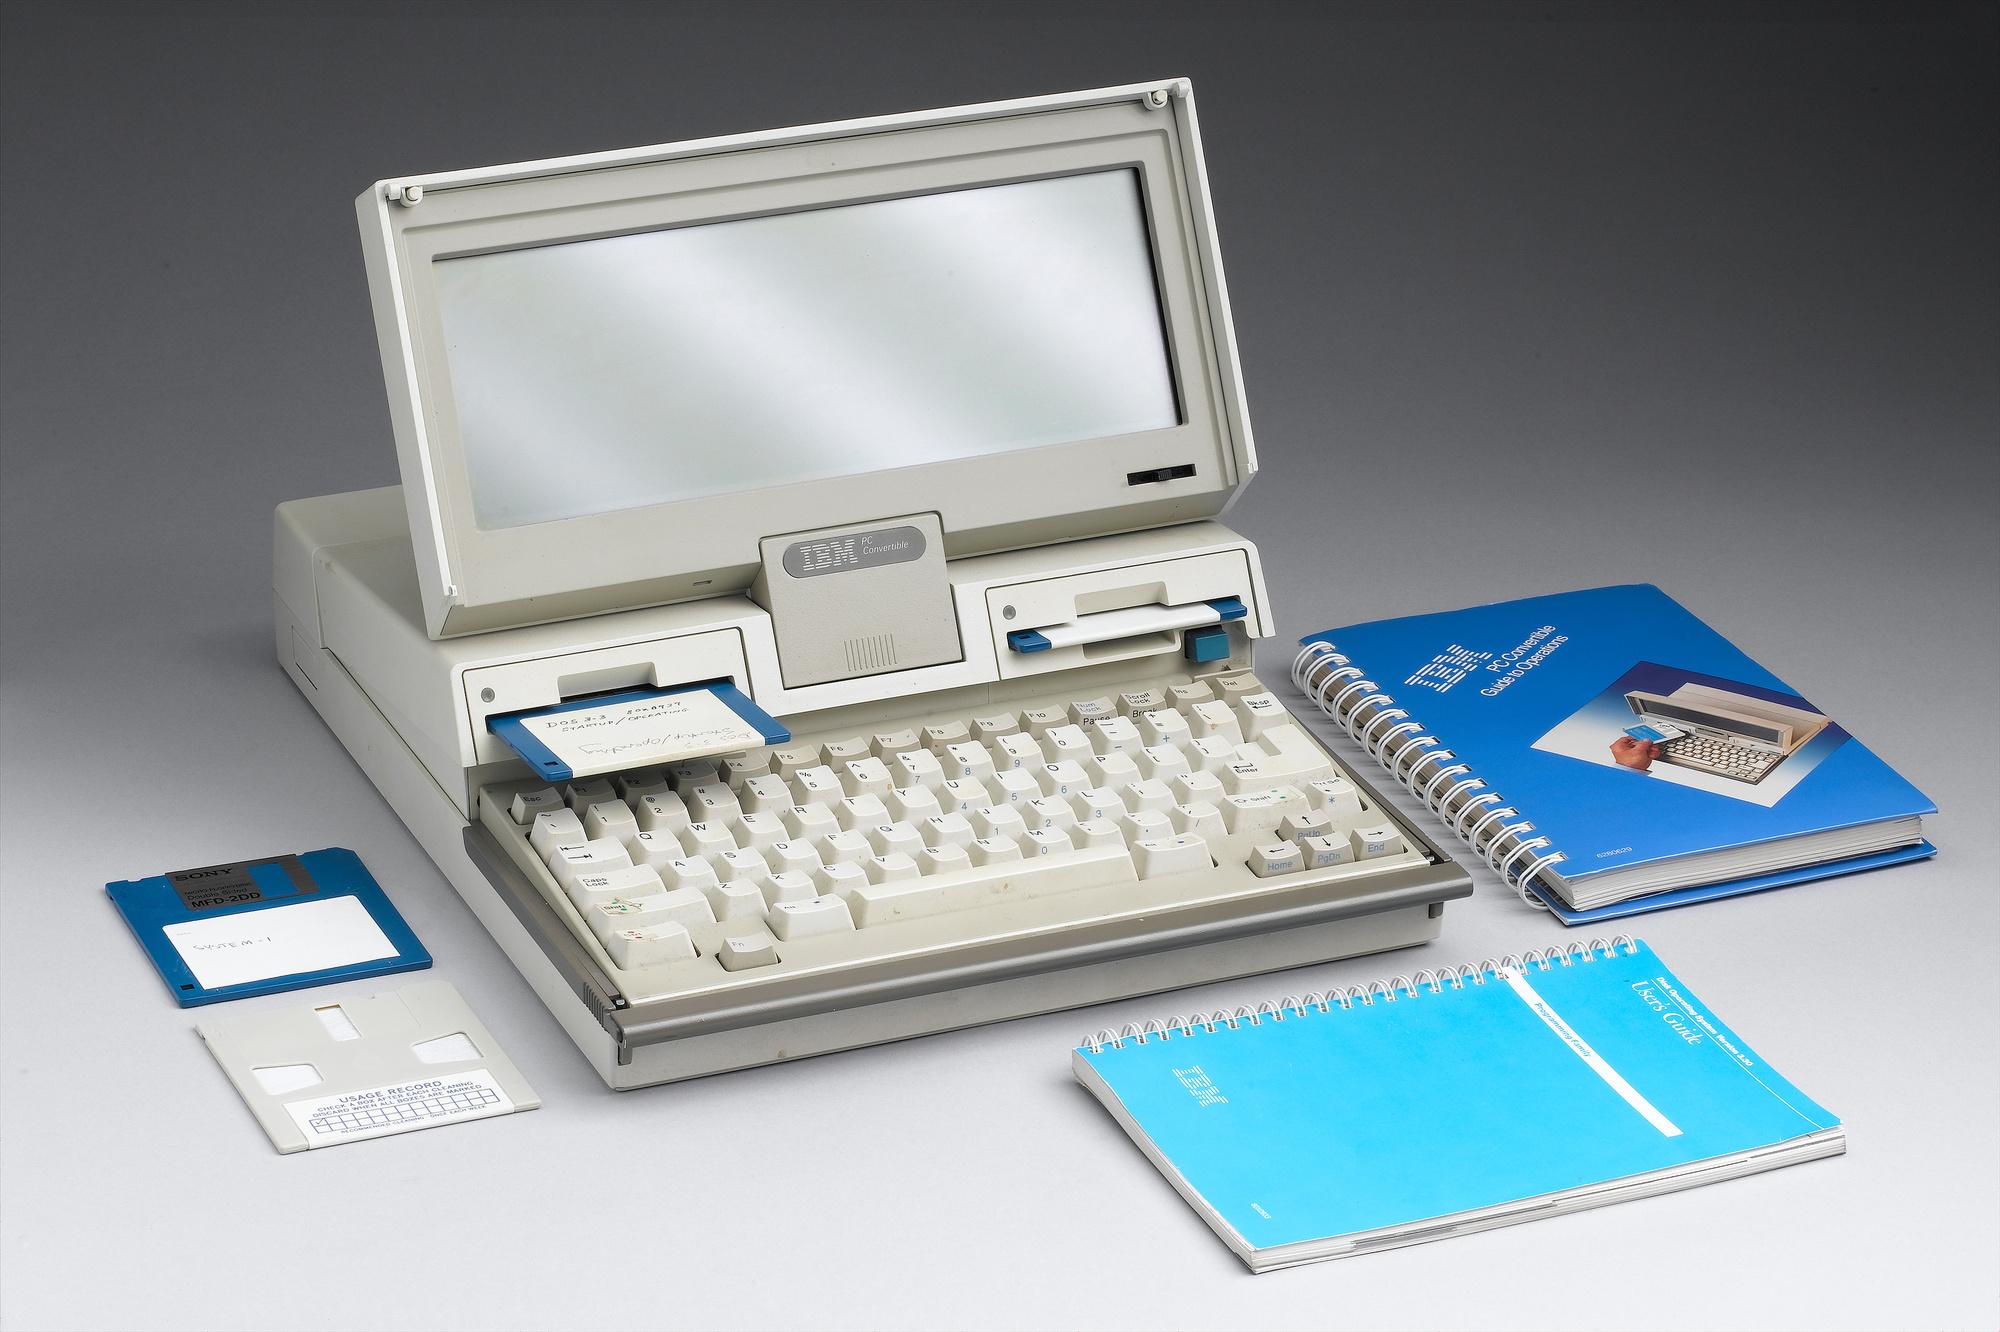 Een IBM laptop model 5140 uit 1987-1988., Getty Images